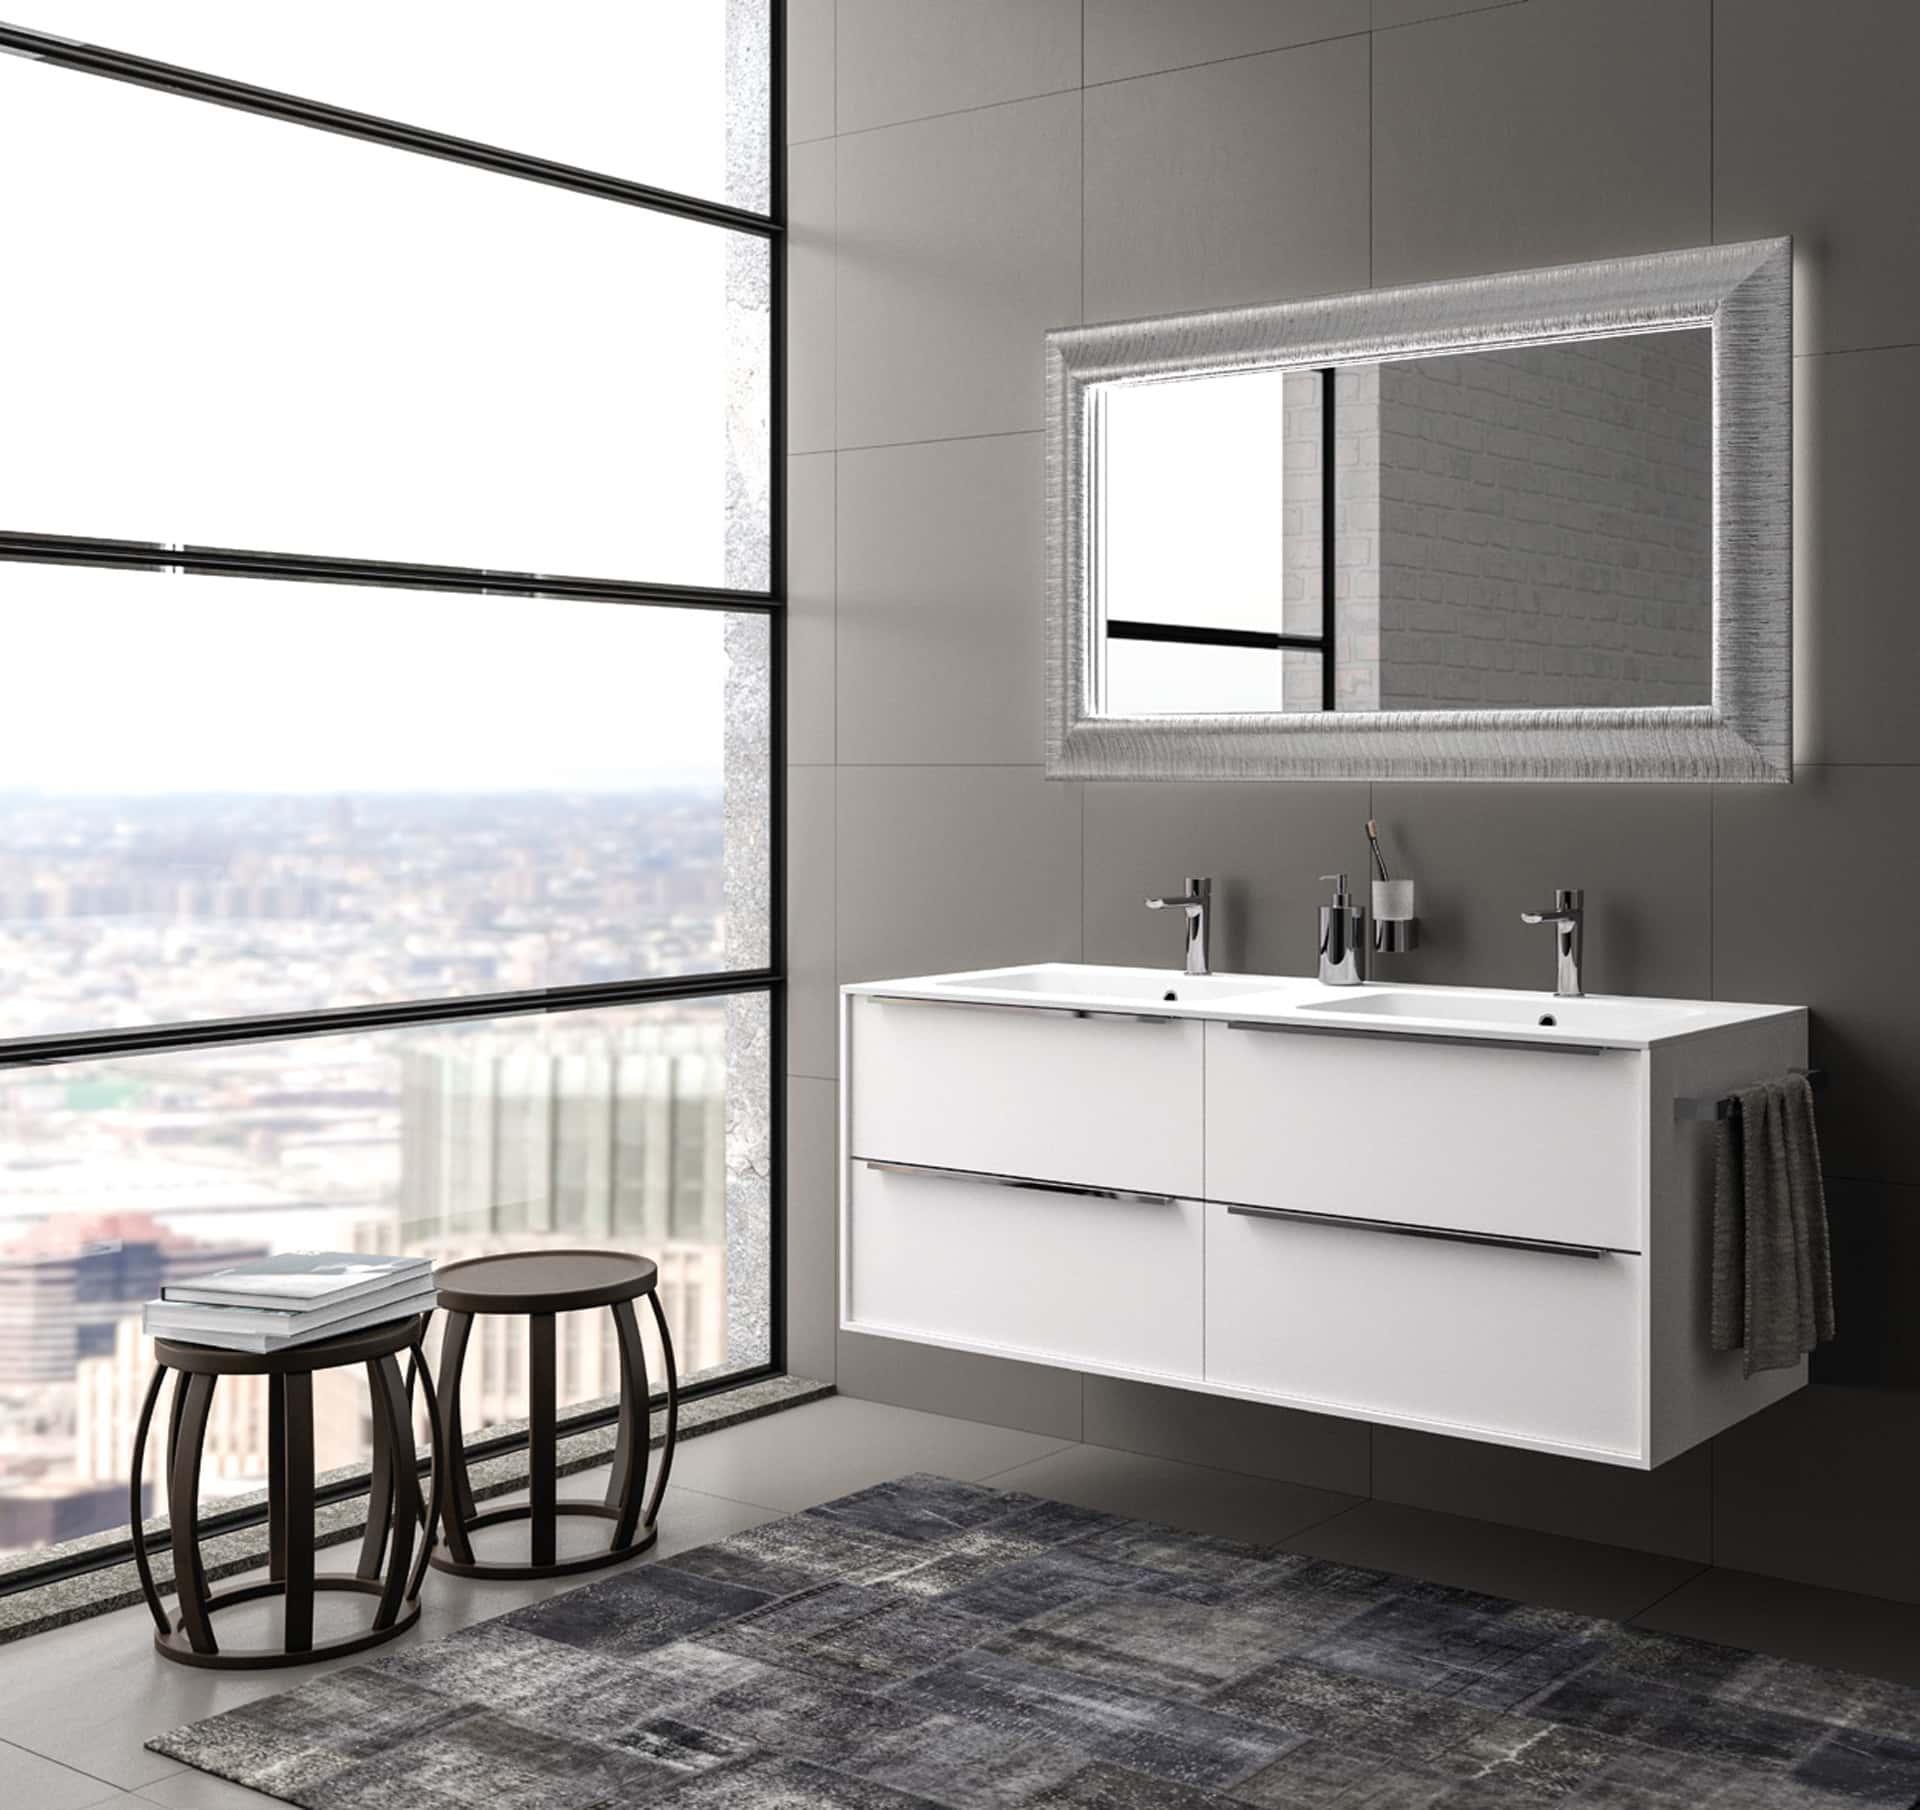 bagni ultramoderni idee per il design della casa